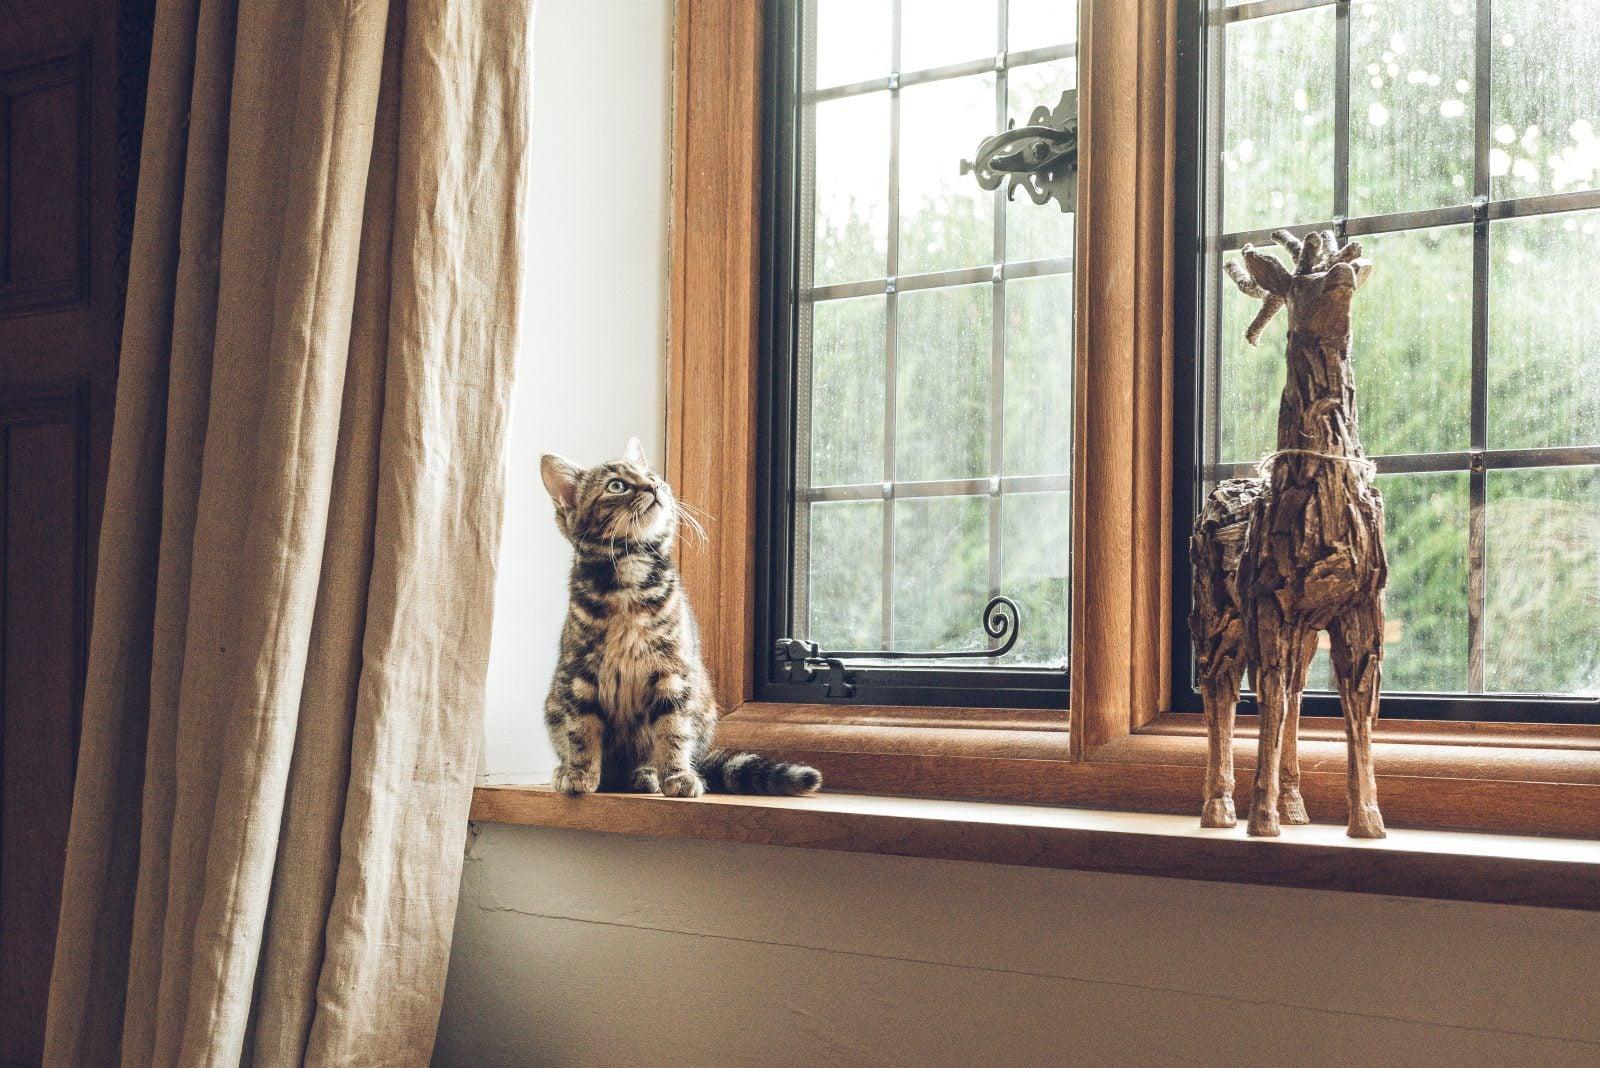 ¿Por qué los gatos hablan con los pájaros? Parlotean